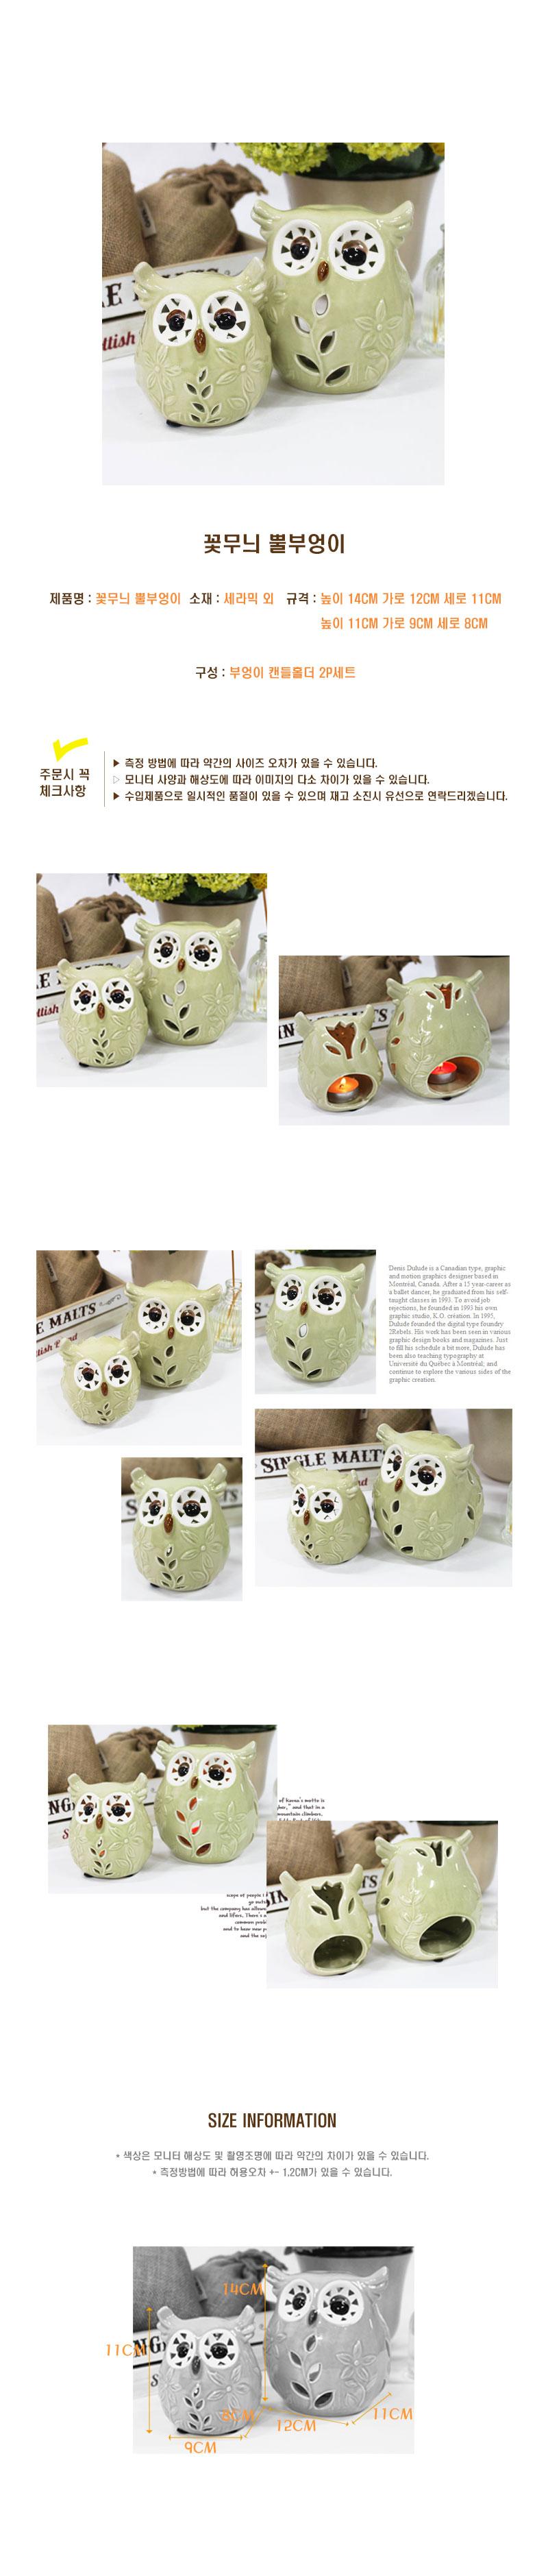 꽃무늬 뿔부엉이 - 수인아트, 32,000원, 캔들, 캔들홀더/소품